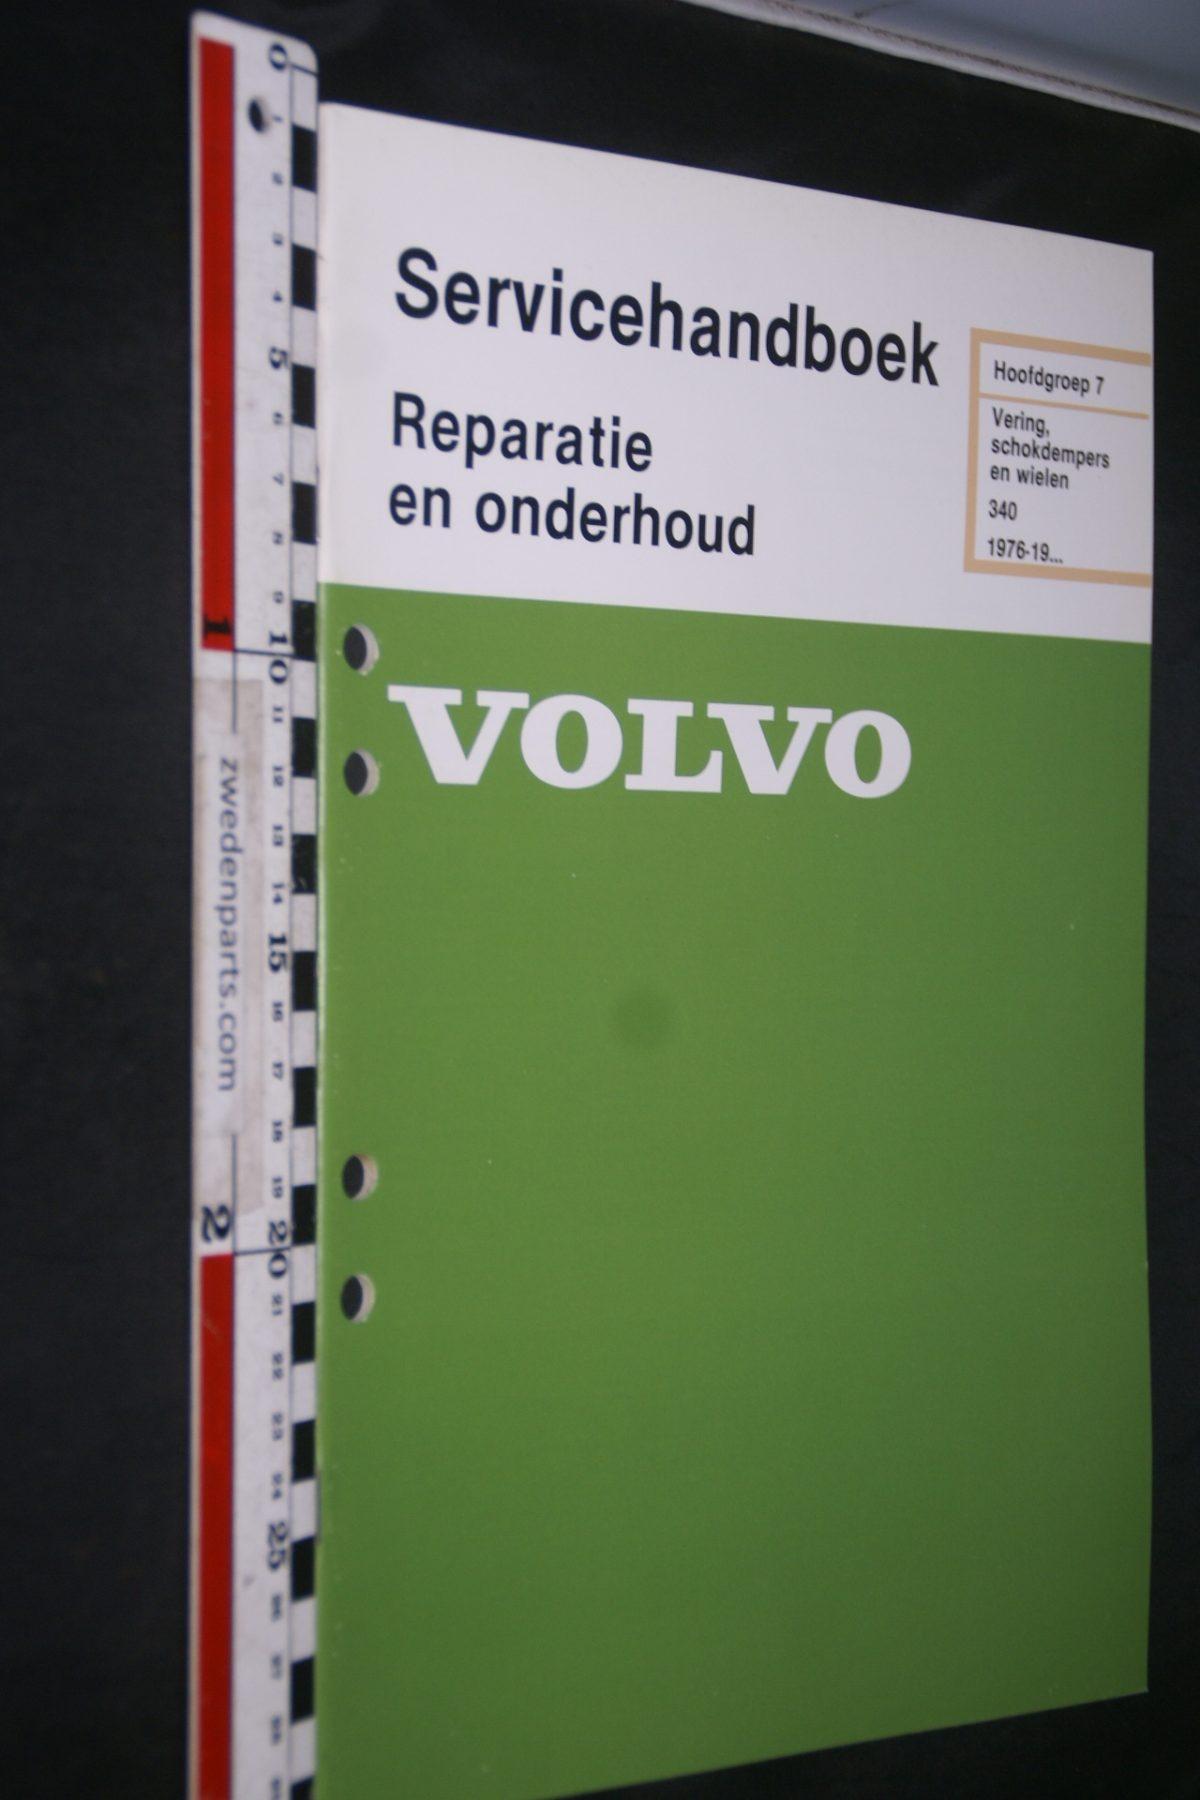 DSC06812 1981 origineel Volvo 340 servicehandboek 7 vering schokdempers en wielen 1 van 800 TP 35088-1